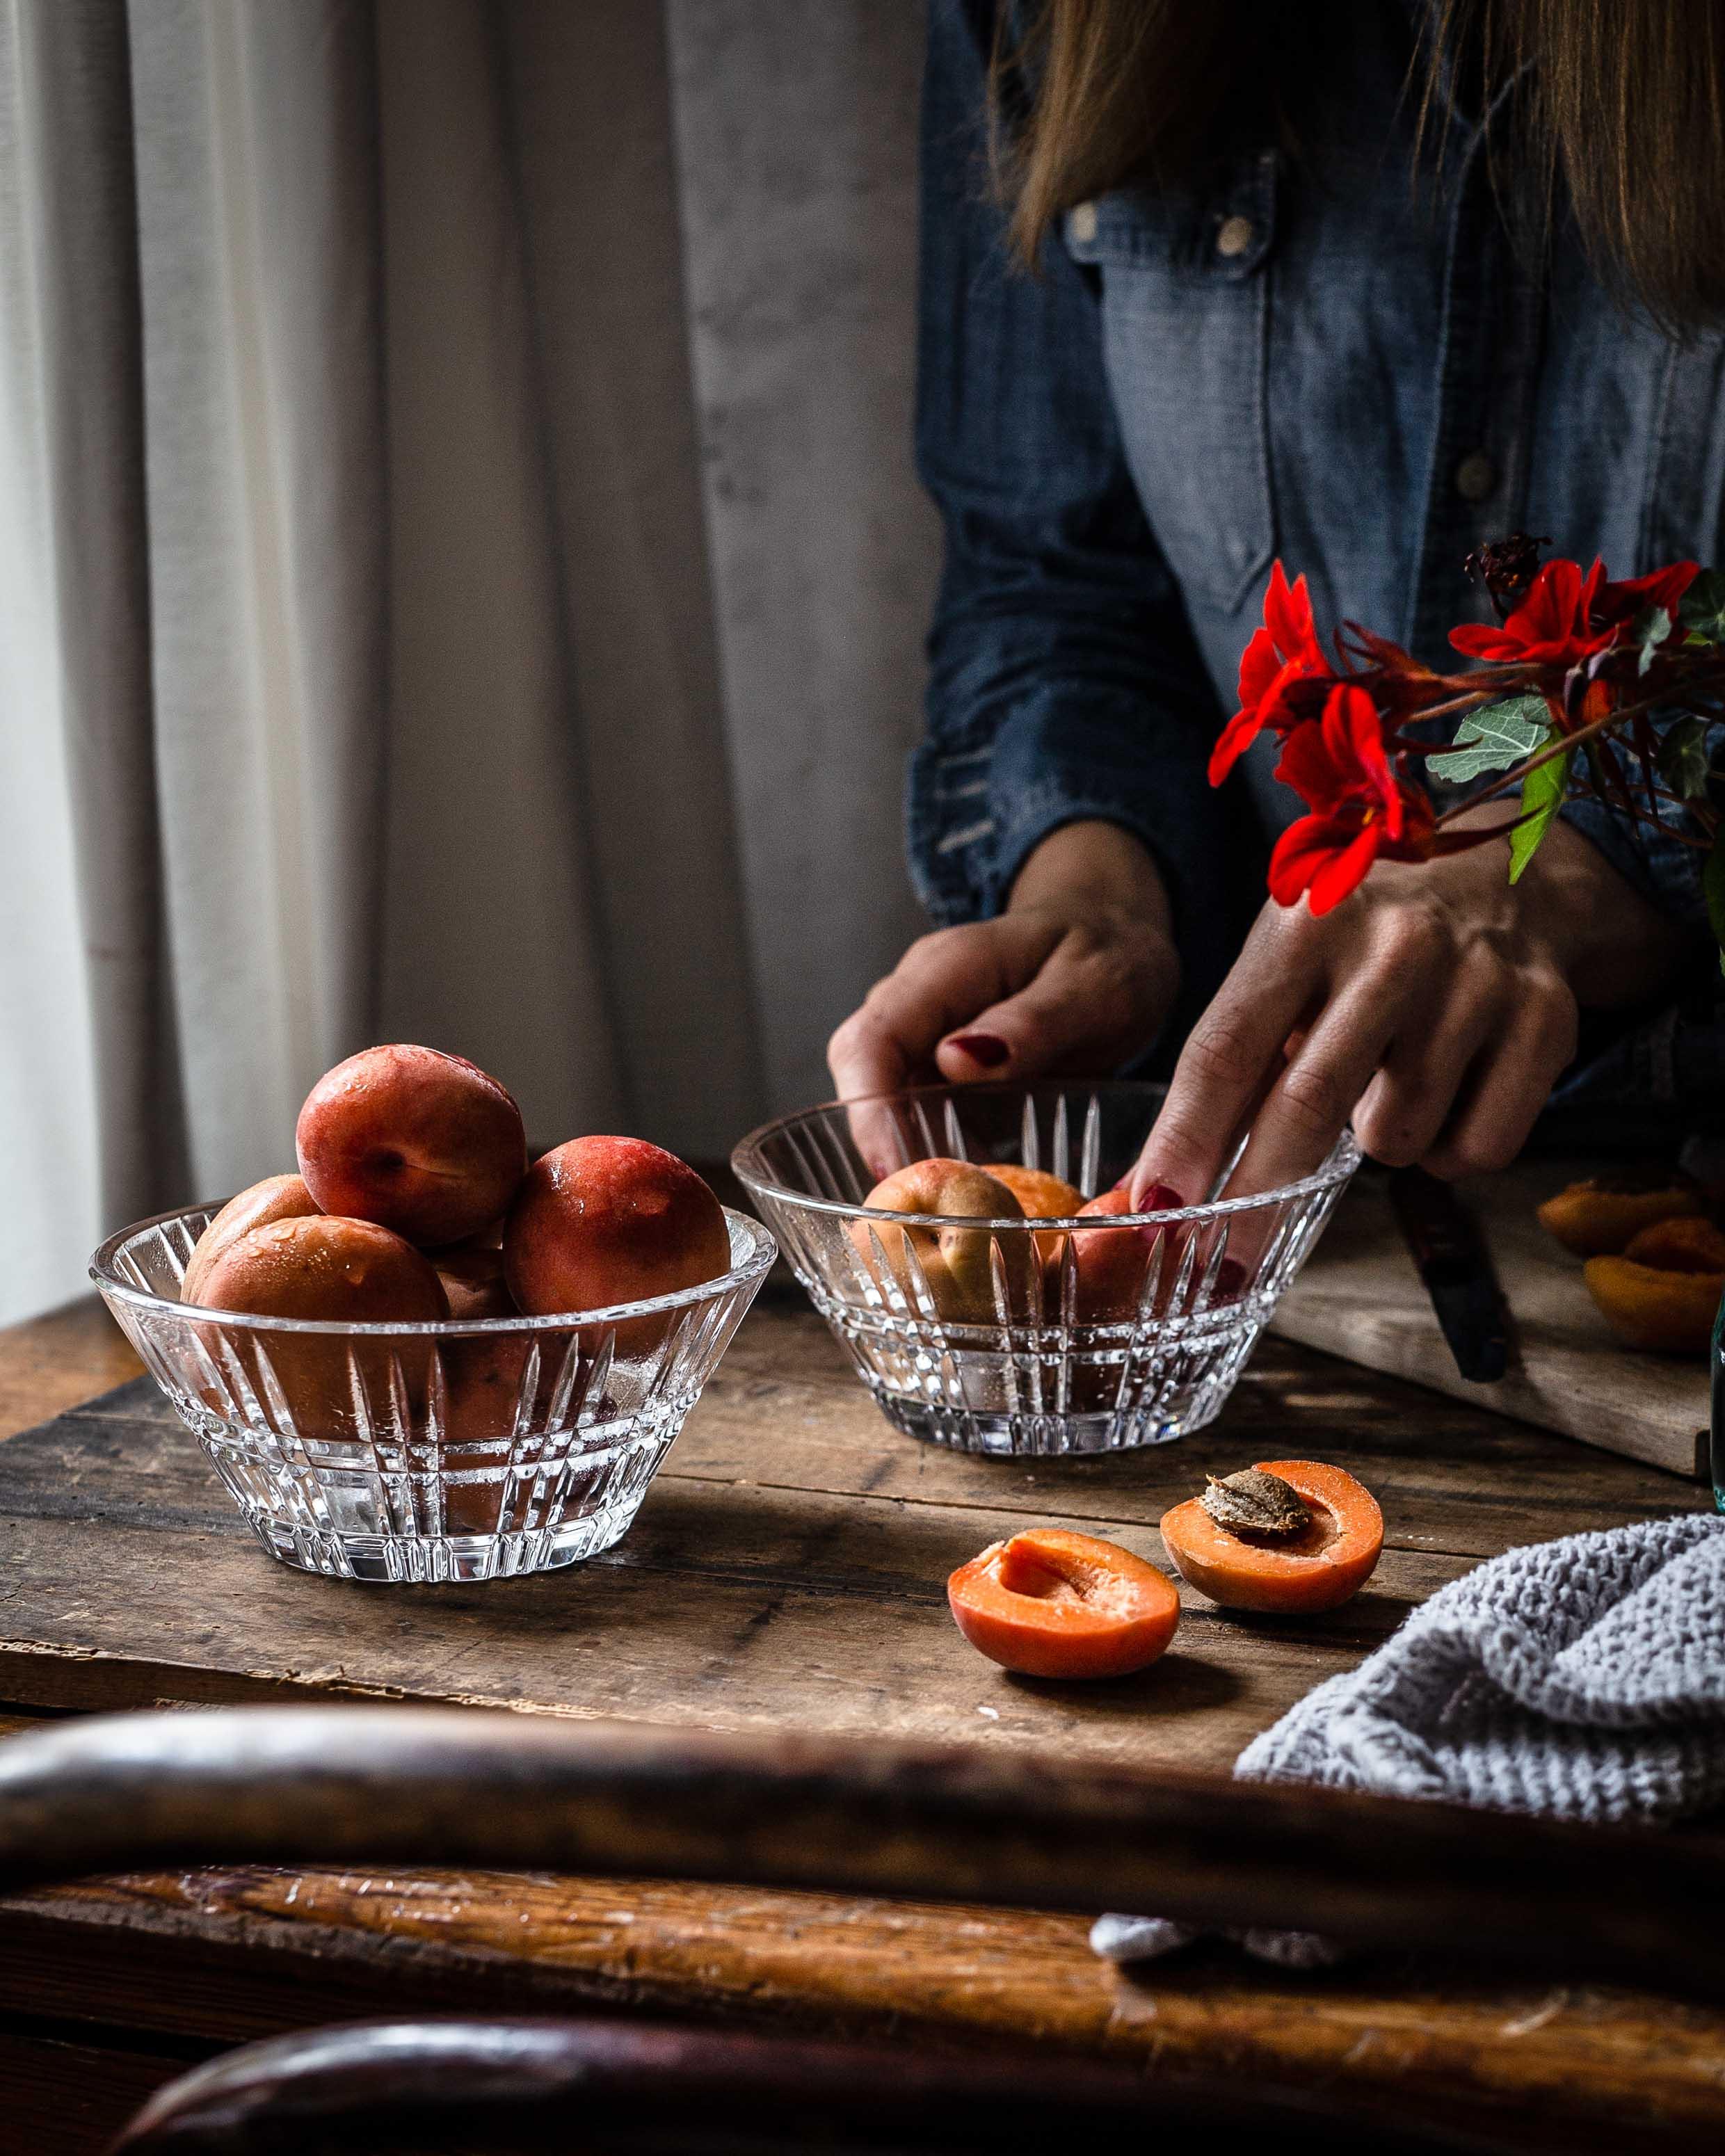 Die Aprikosen werden für das Dessert vorbereitet…